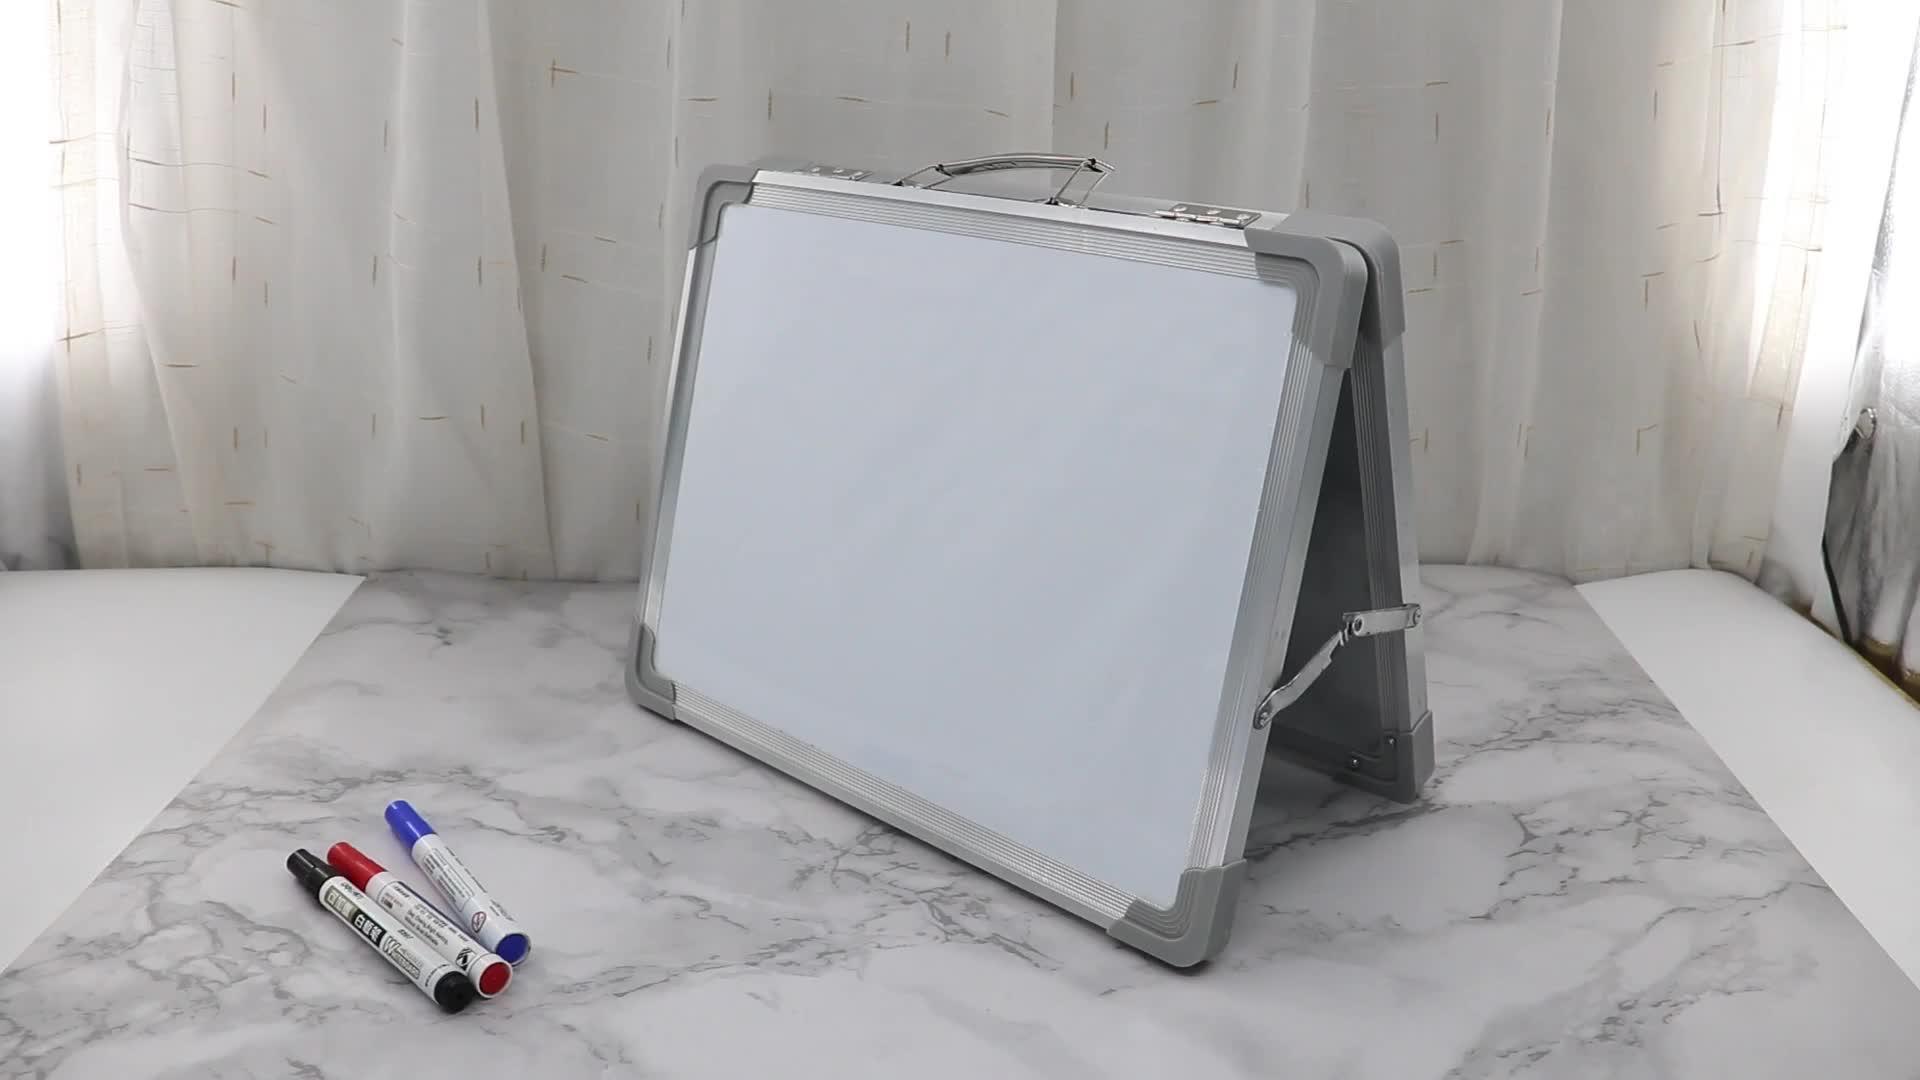 China Aula Interactiva marcador de borrado en seco nevera magnética seca borrar de escribir y limpiar fácilmente de mesa de caballete de mesa pizarra